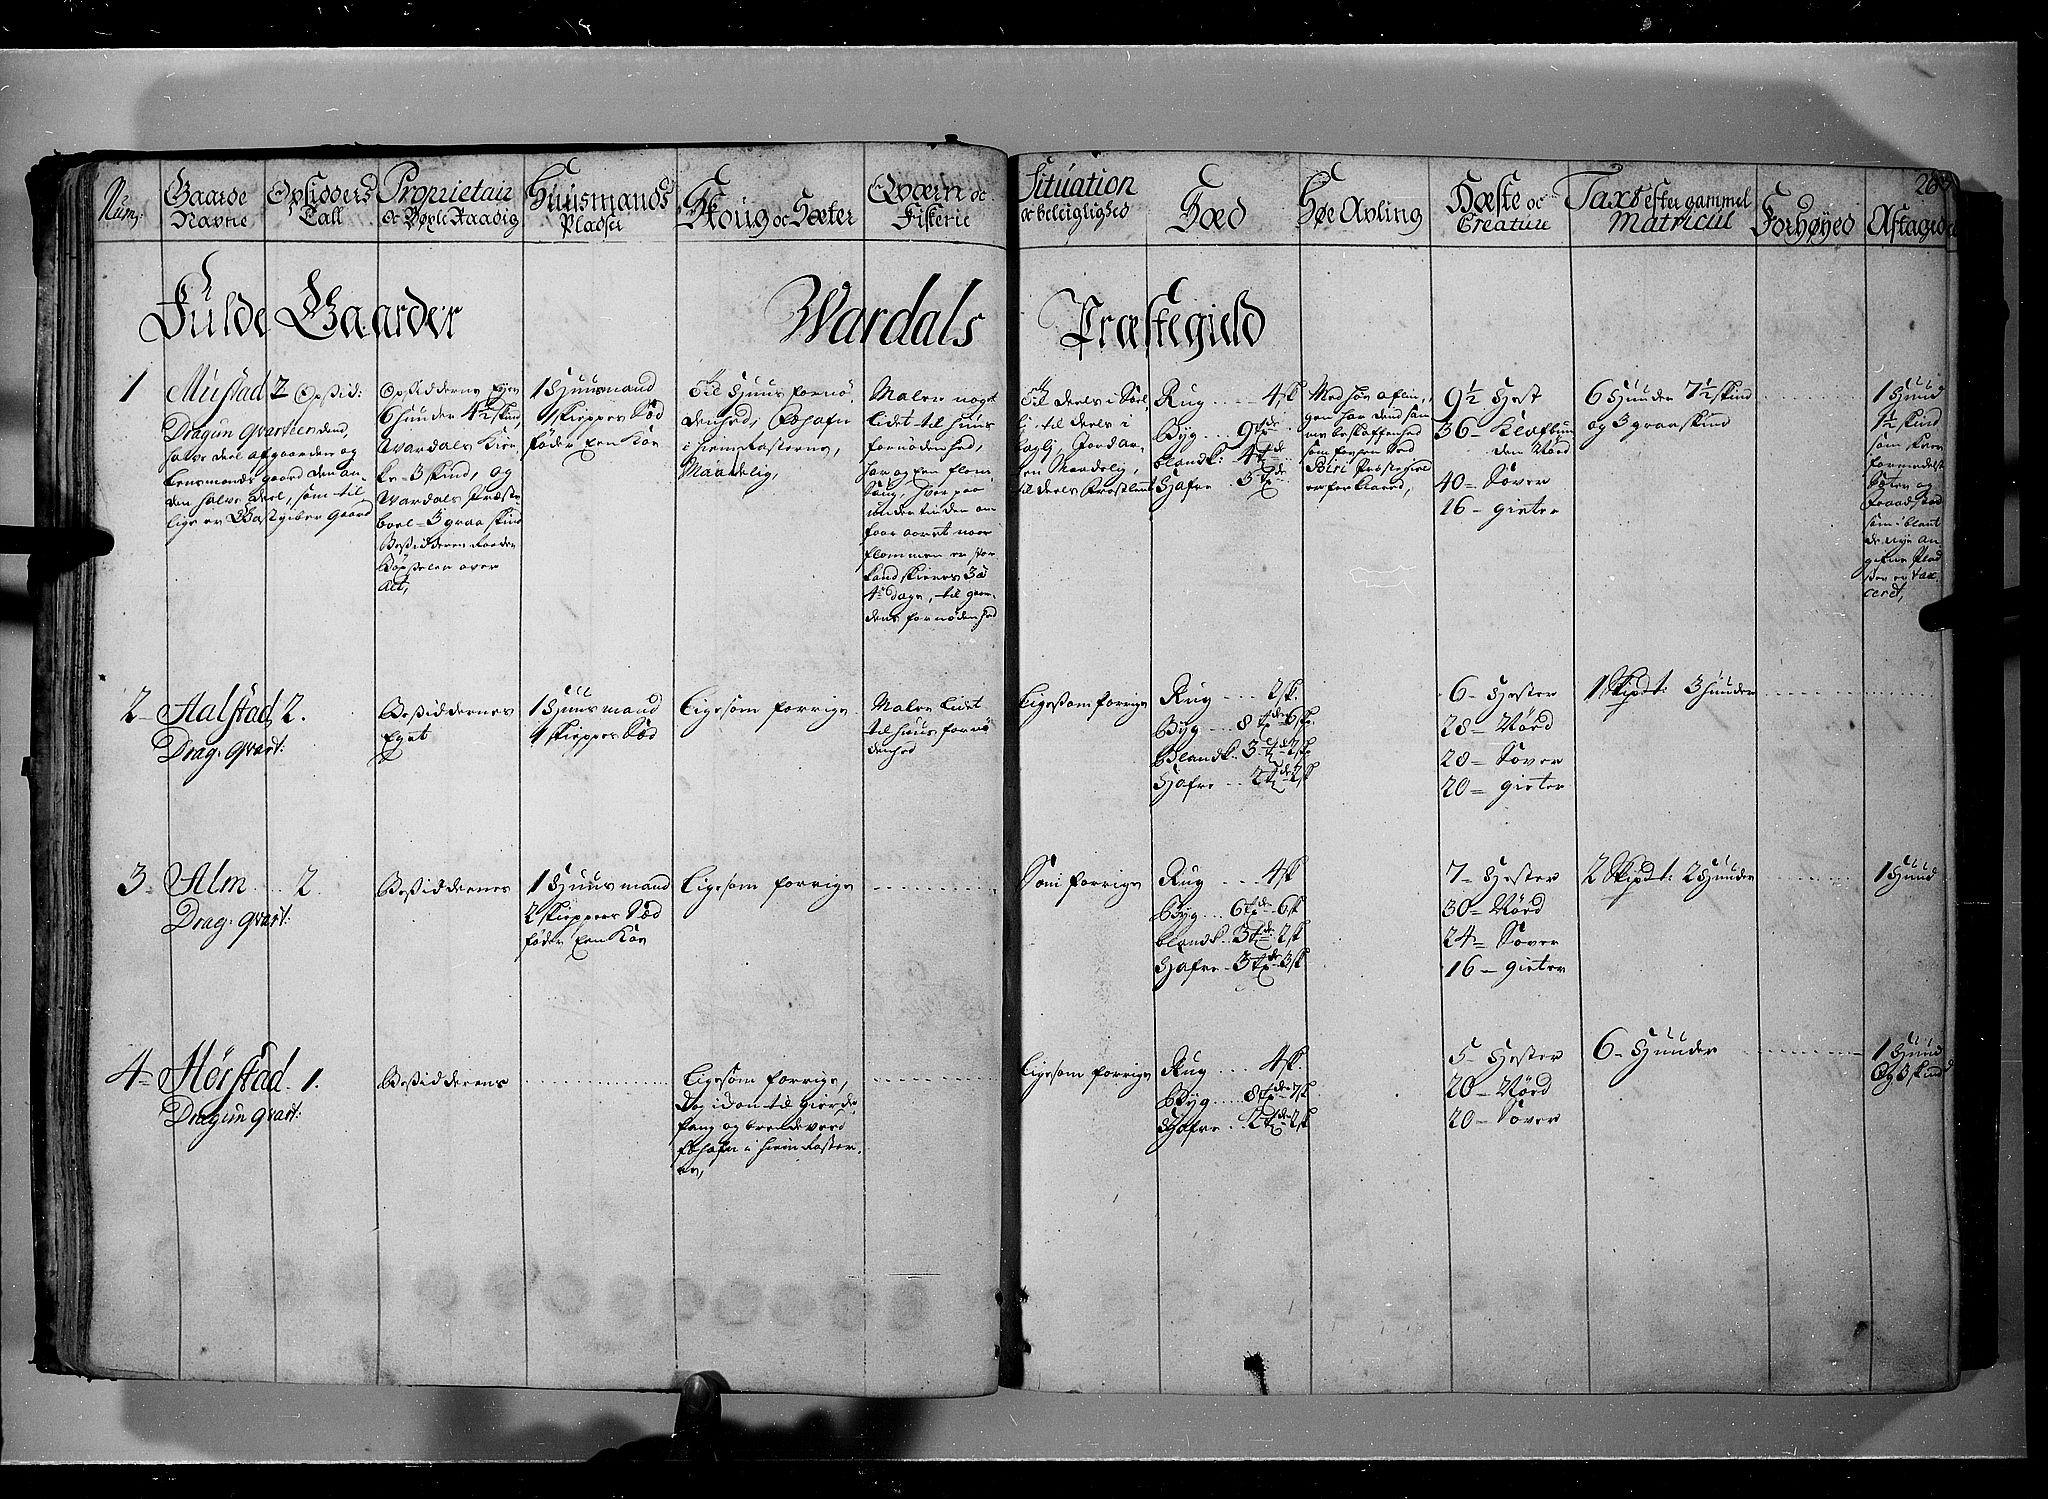 RA, Rentekammeret inntil 1814, Realistisk ordnet avdeling, N/Nb/Nbf/L0104: Hadeland, Toten og Valdres eksaminasjonsprotokoll, 1723, s. 25b-26a